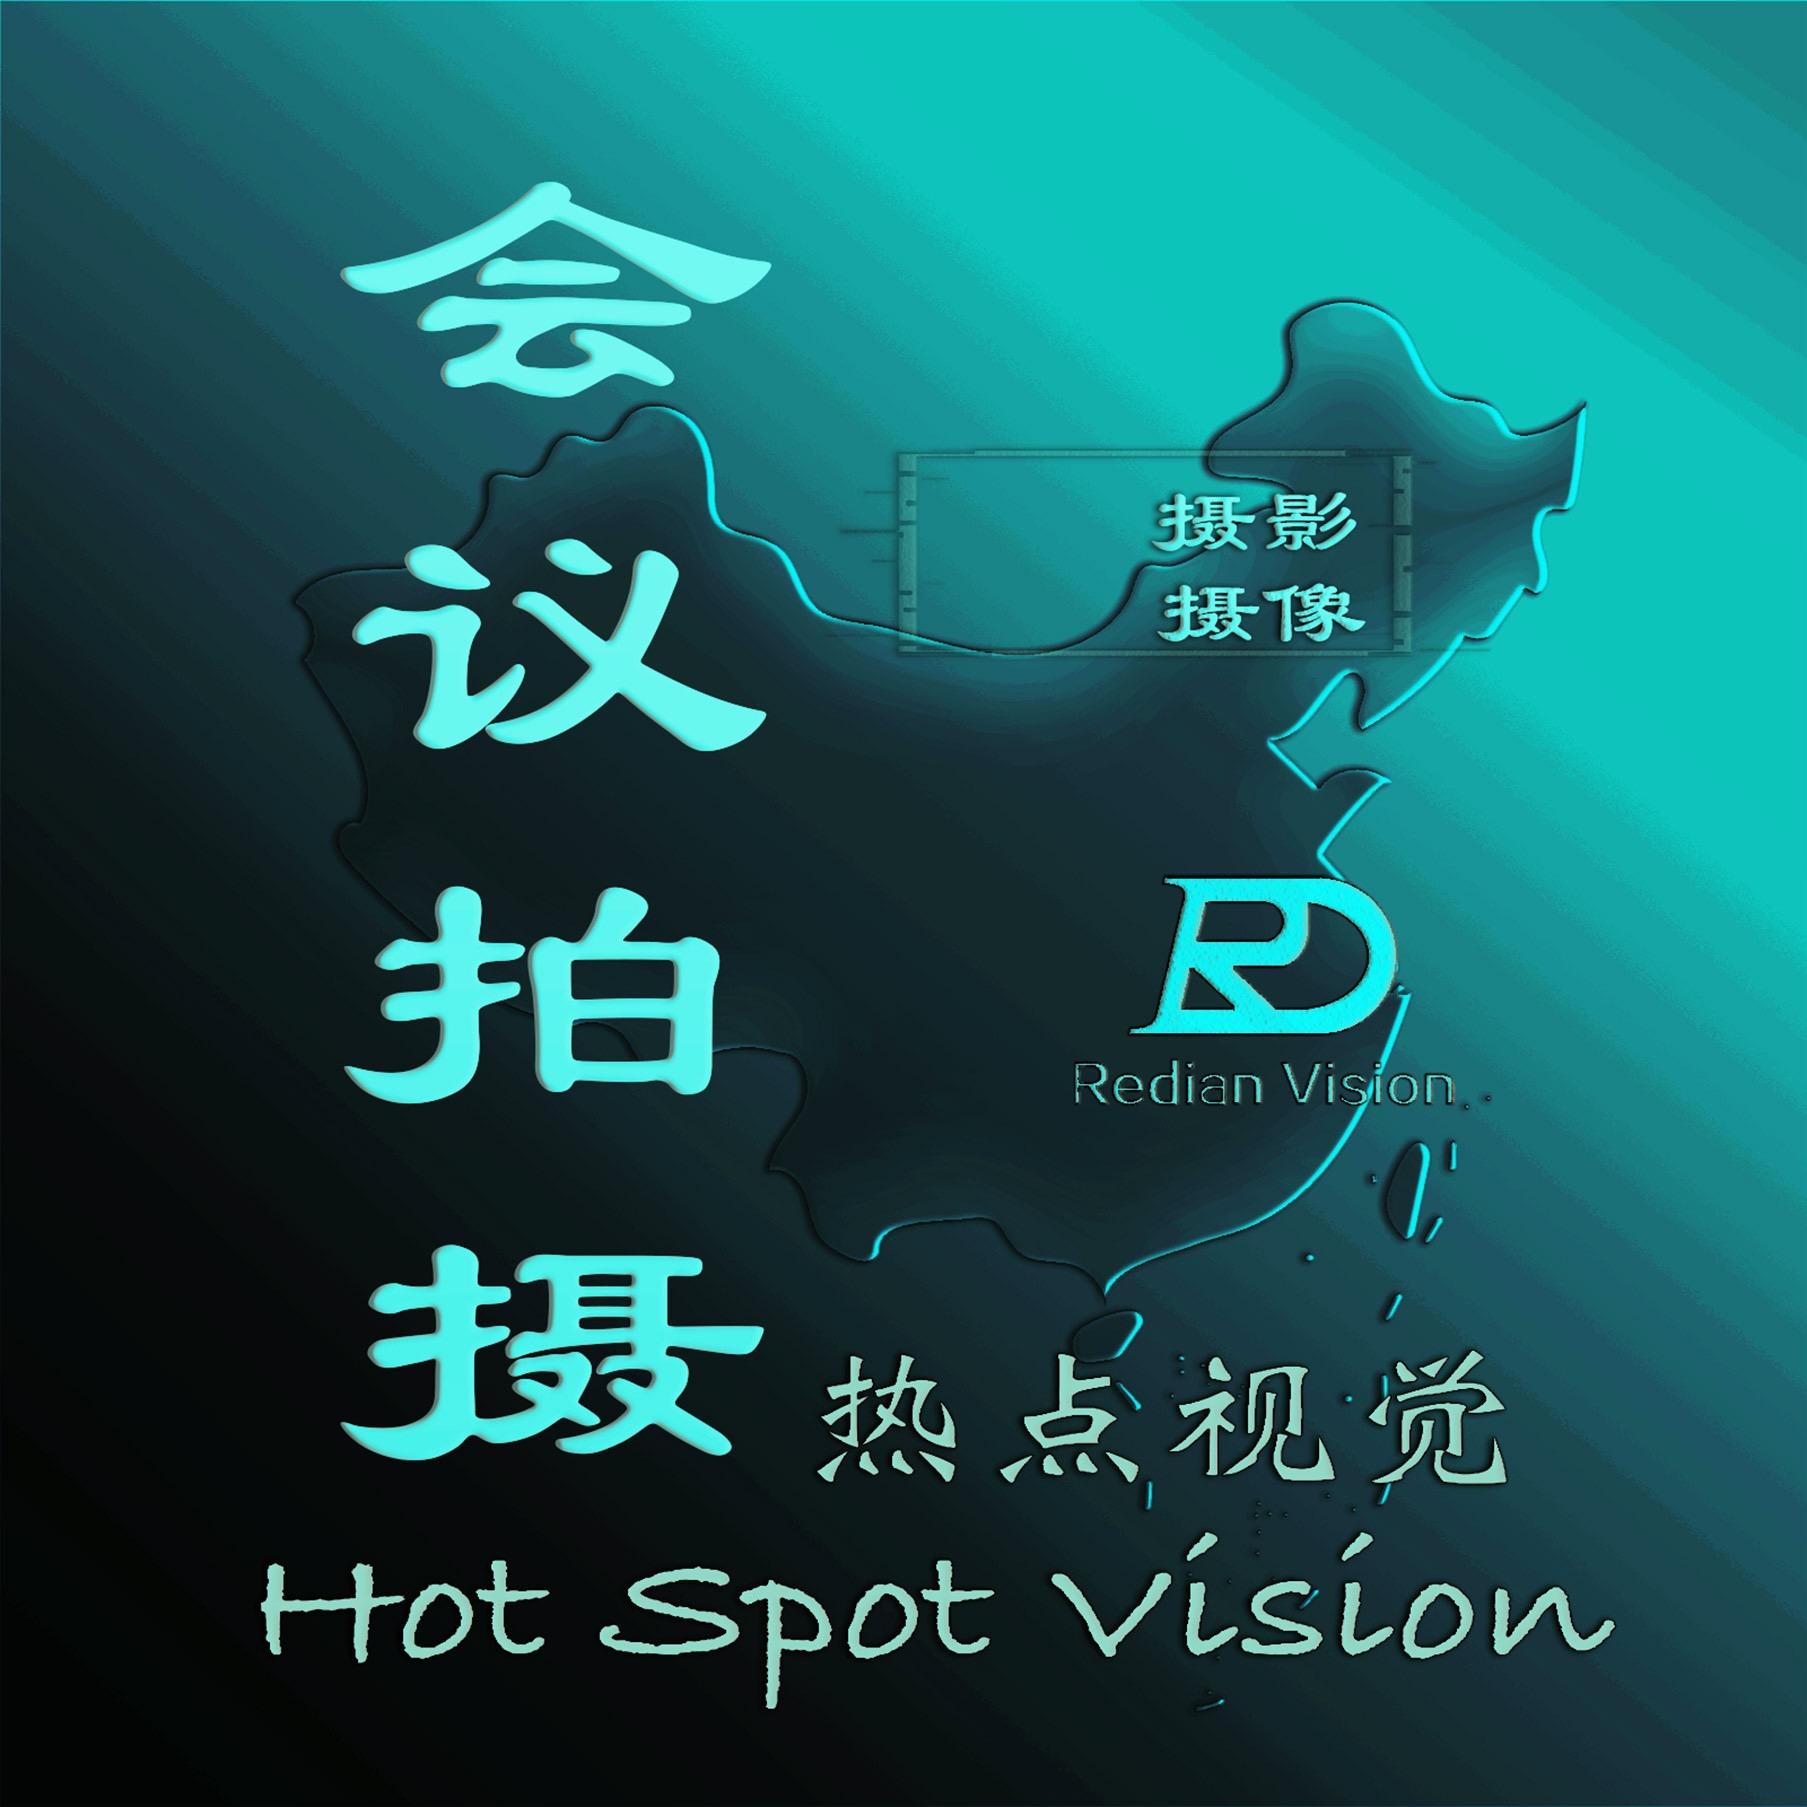 北京热点视觉会议视频拍摄婚礼跟拍企业宣传片采访短视频拍摄摄影